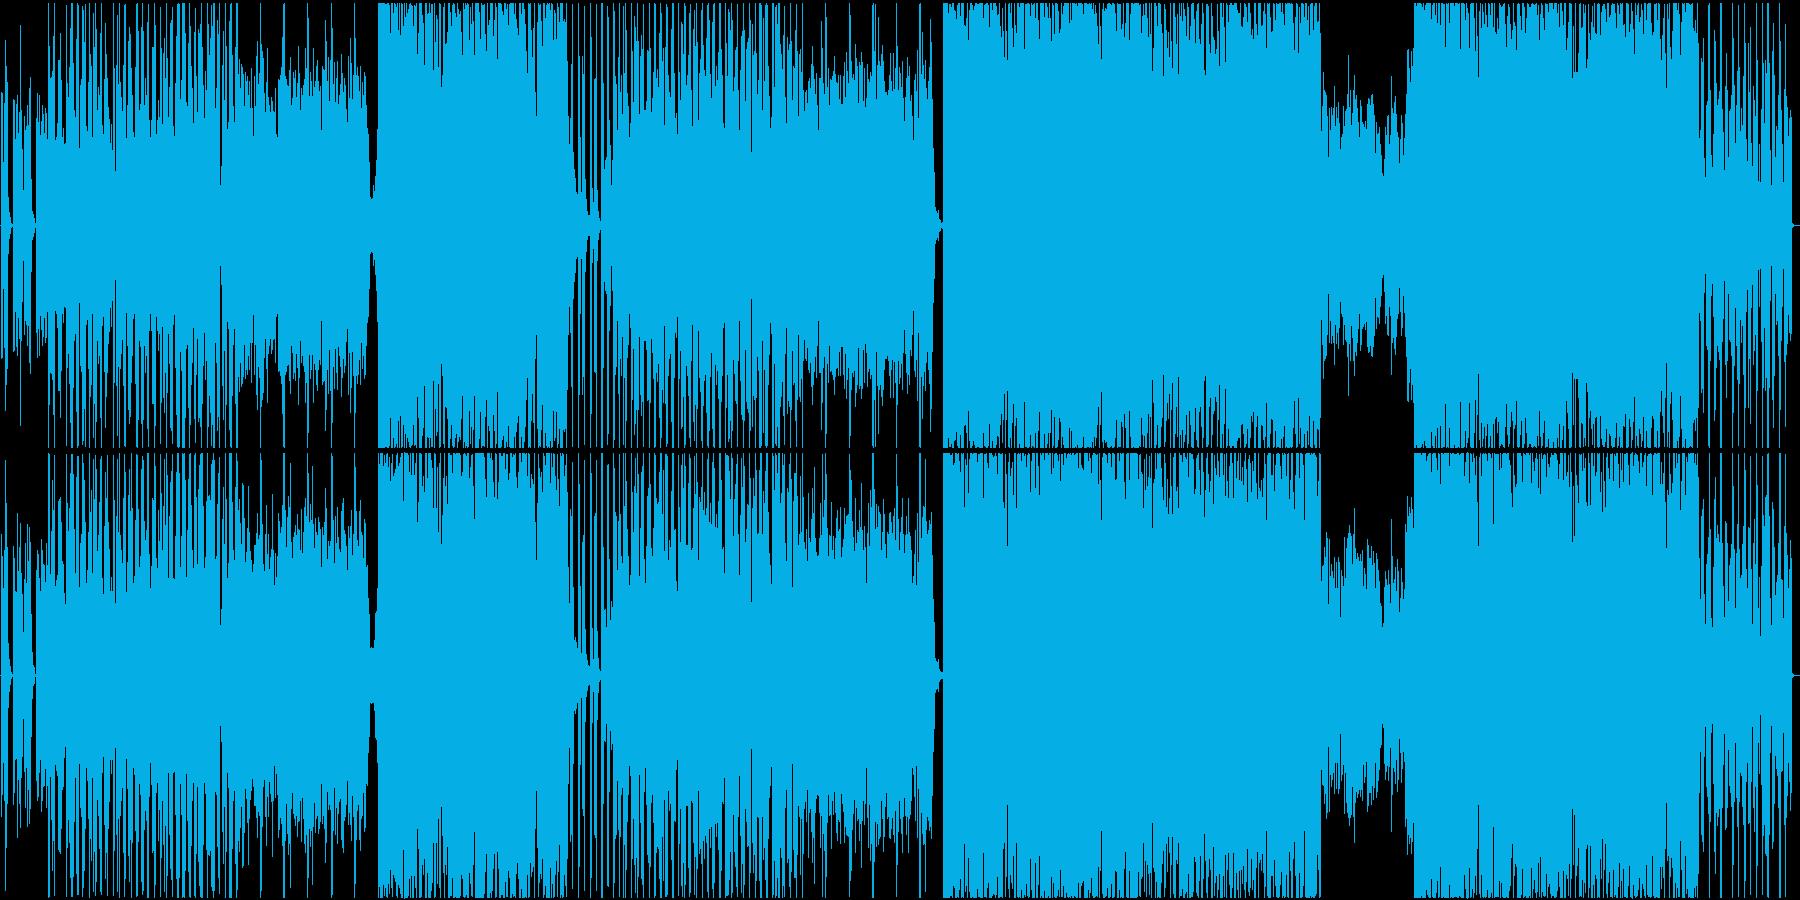 実話系RnBバラッド。の再生済みの波形